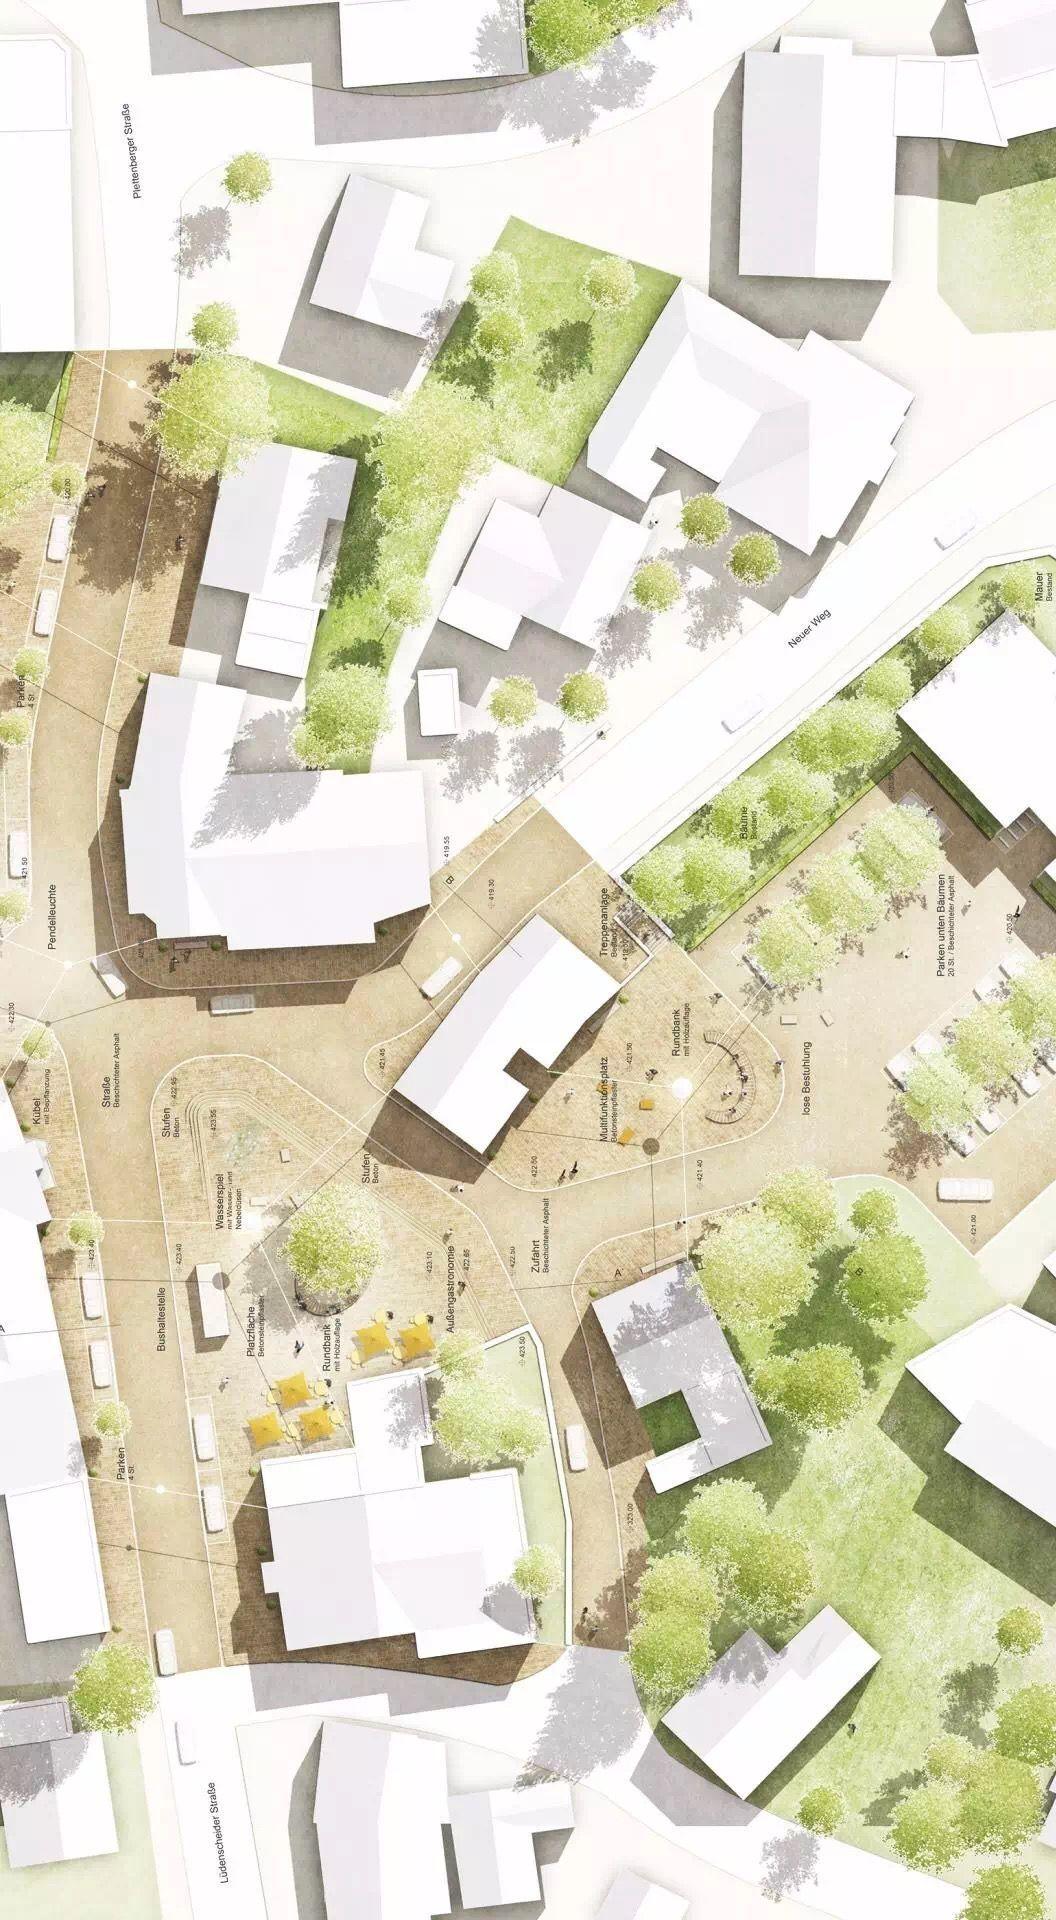 siteplan #landscapemasterplan